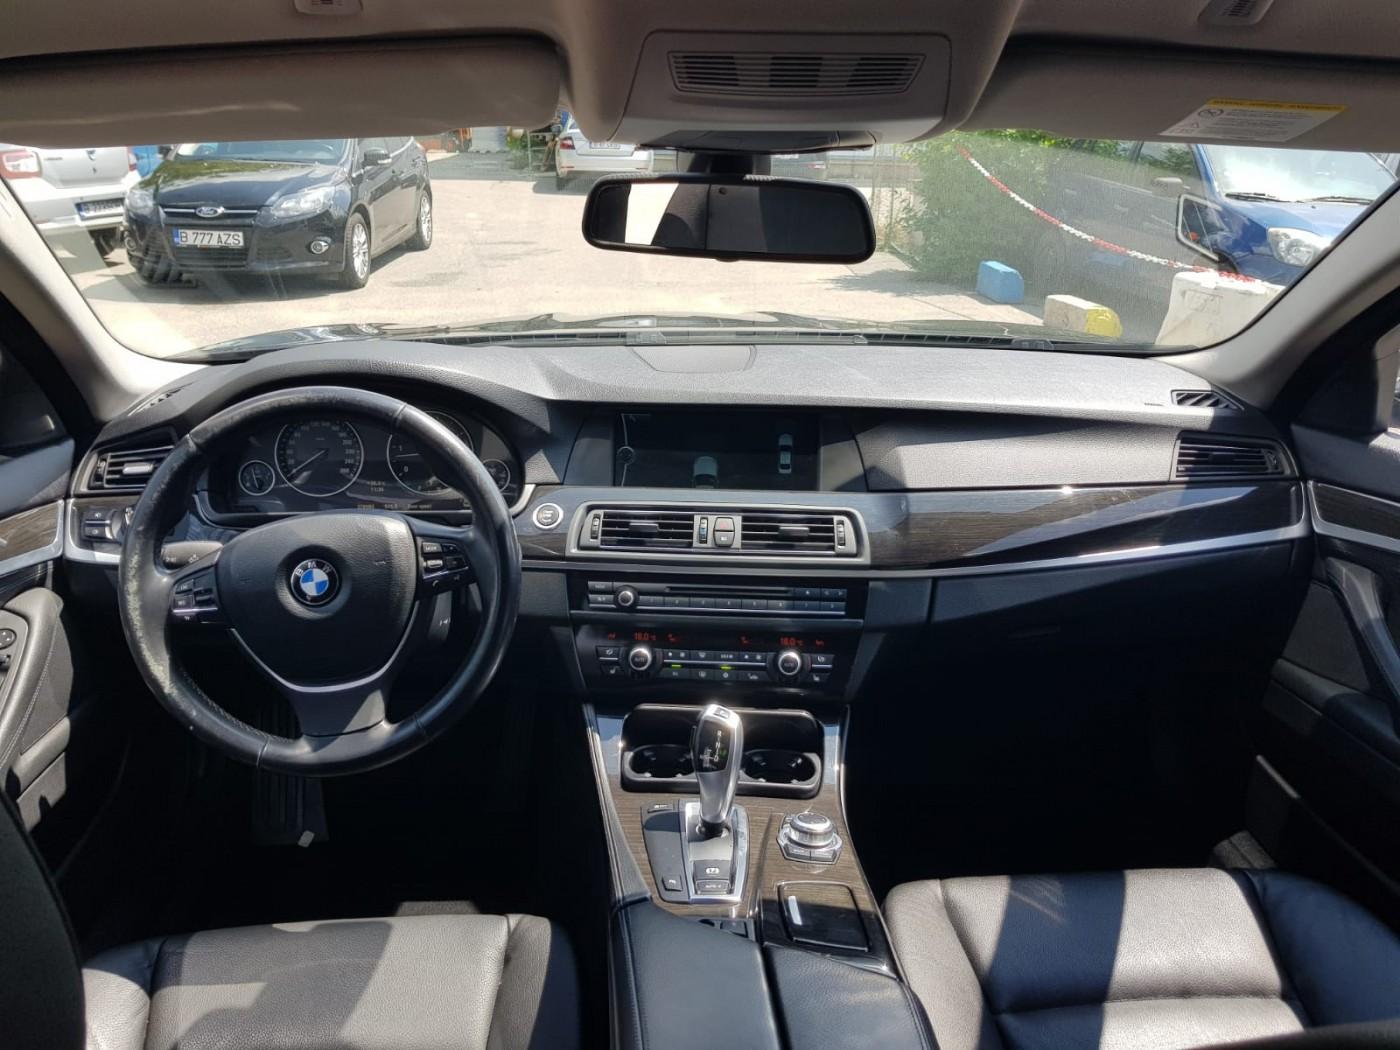 BMW 525  204 CP   - 14300 €,   278985 km,  anul 2011,  culoare negru